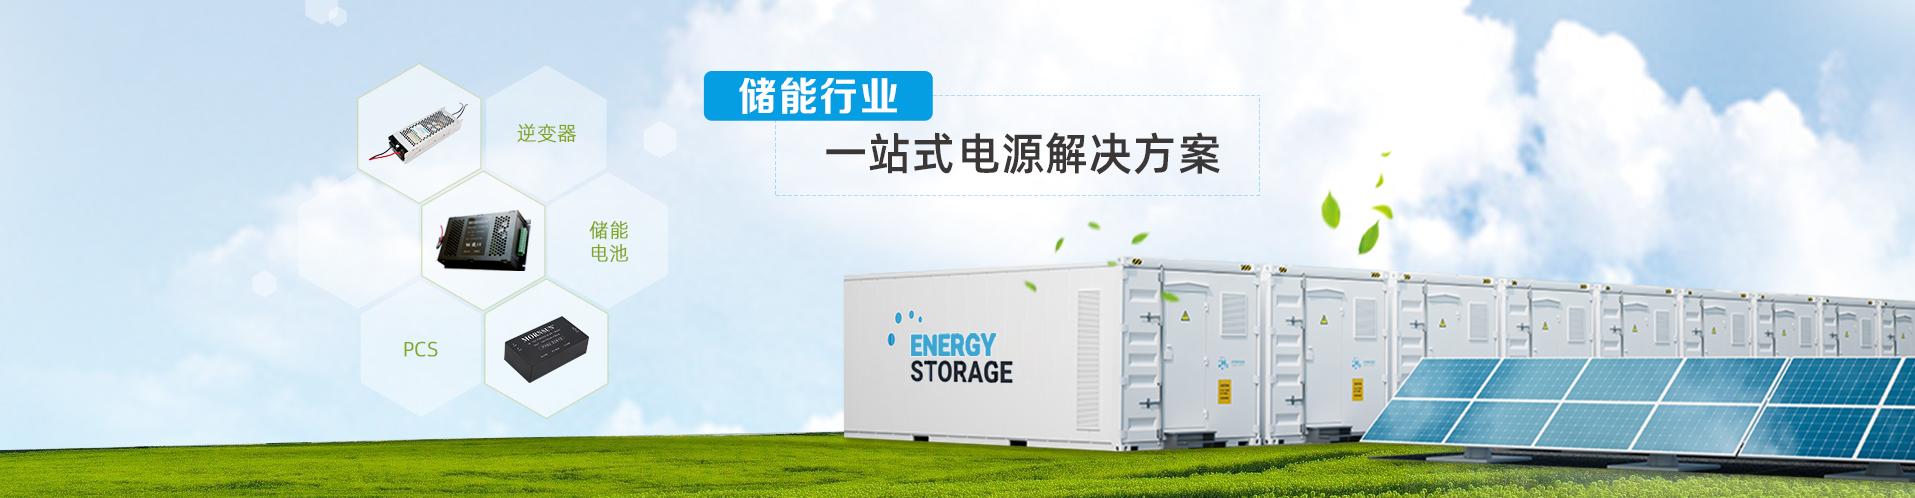 储能行业一站式电源解决方案-储能电池、PCS、逆变器等系统应用